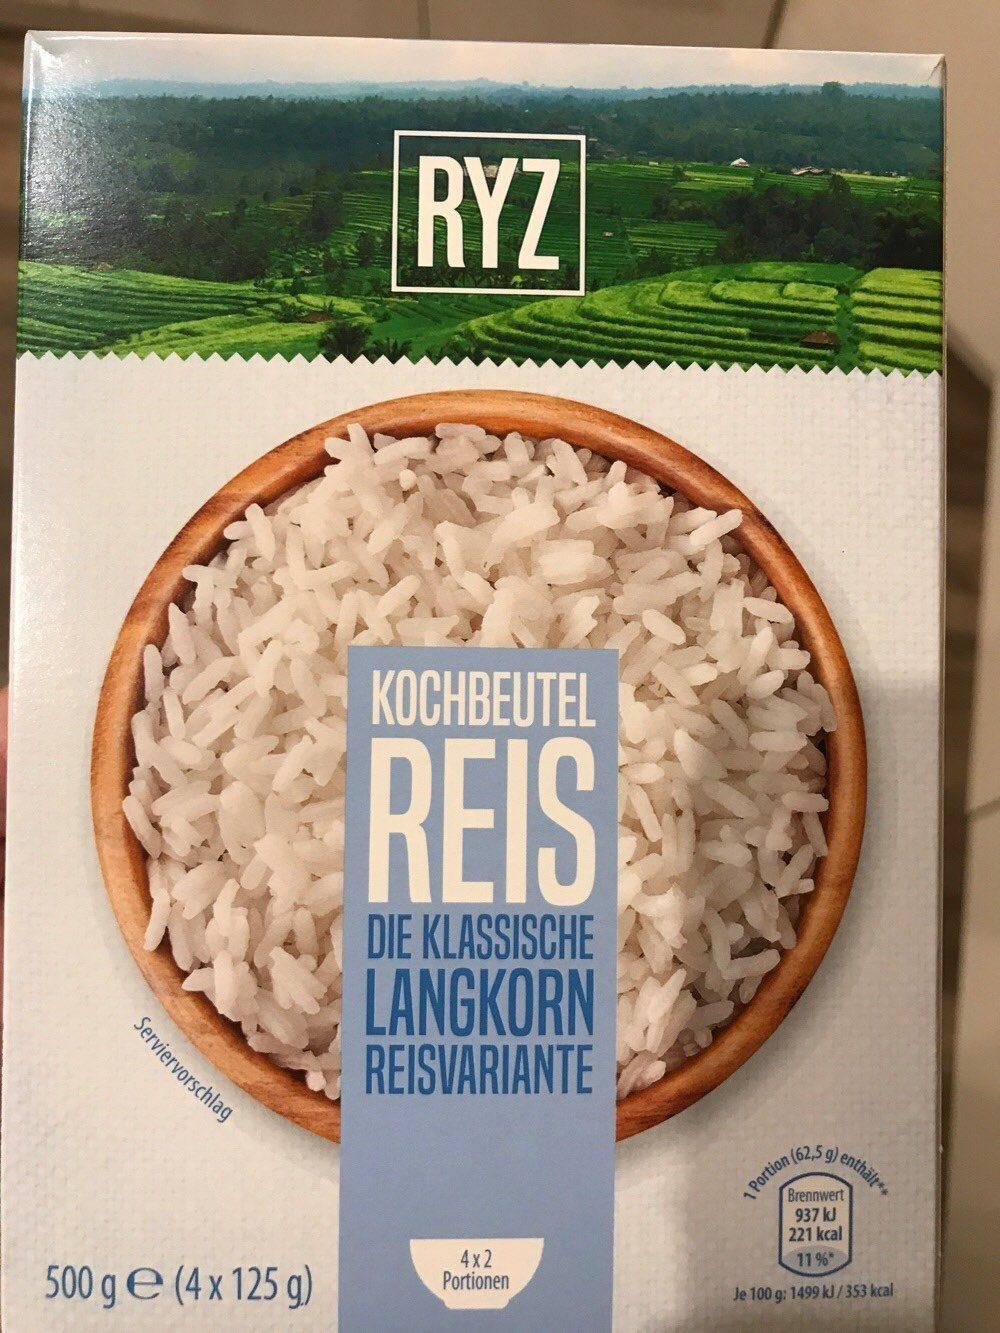 Kochbeutel Reis - 产品 - de